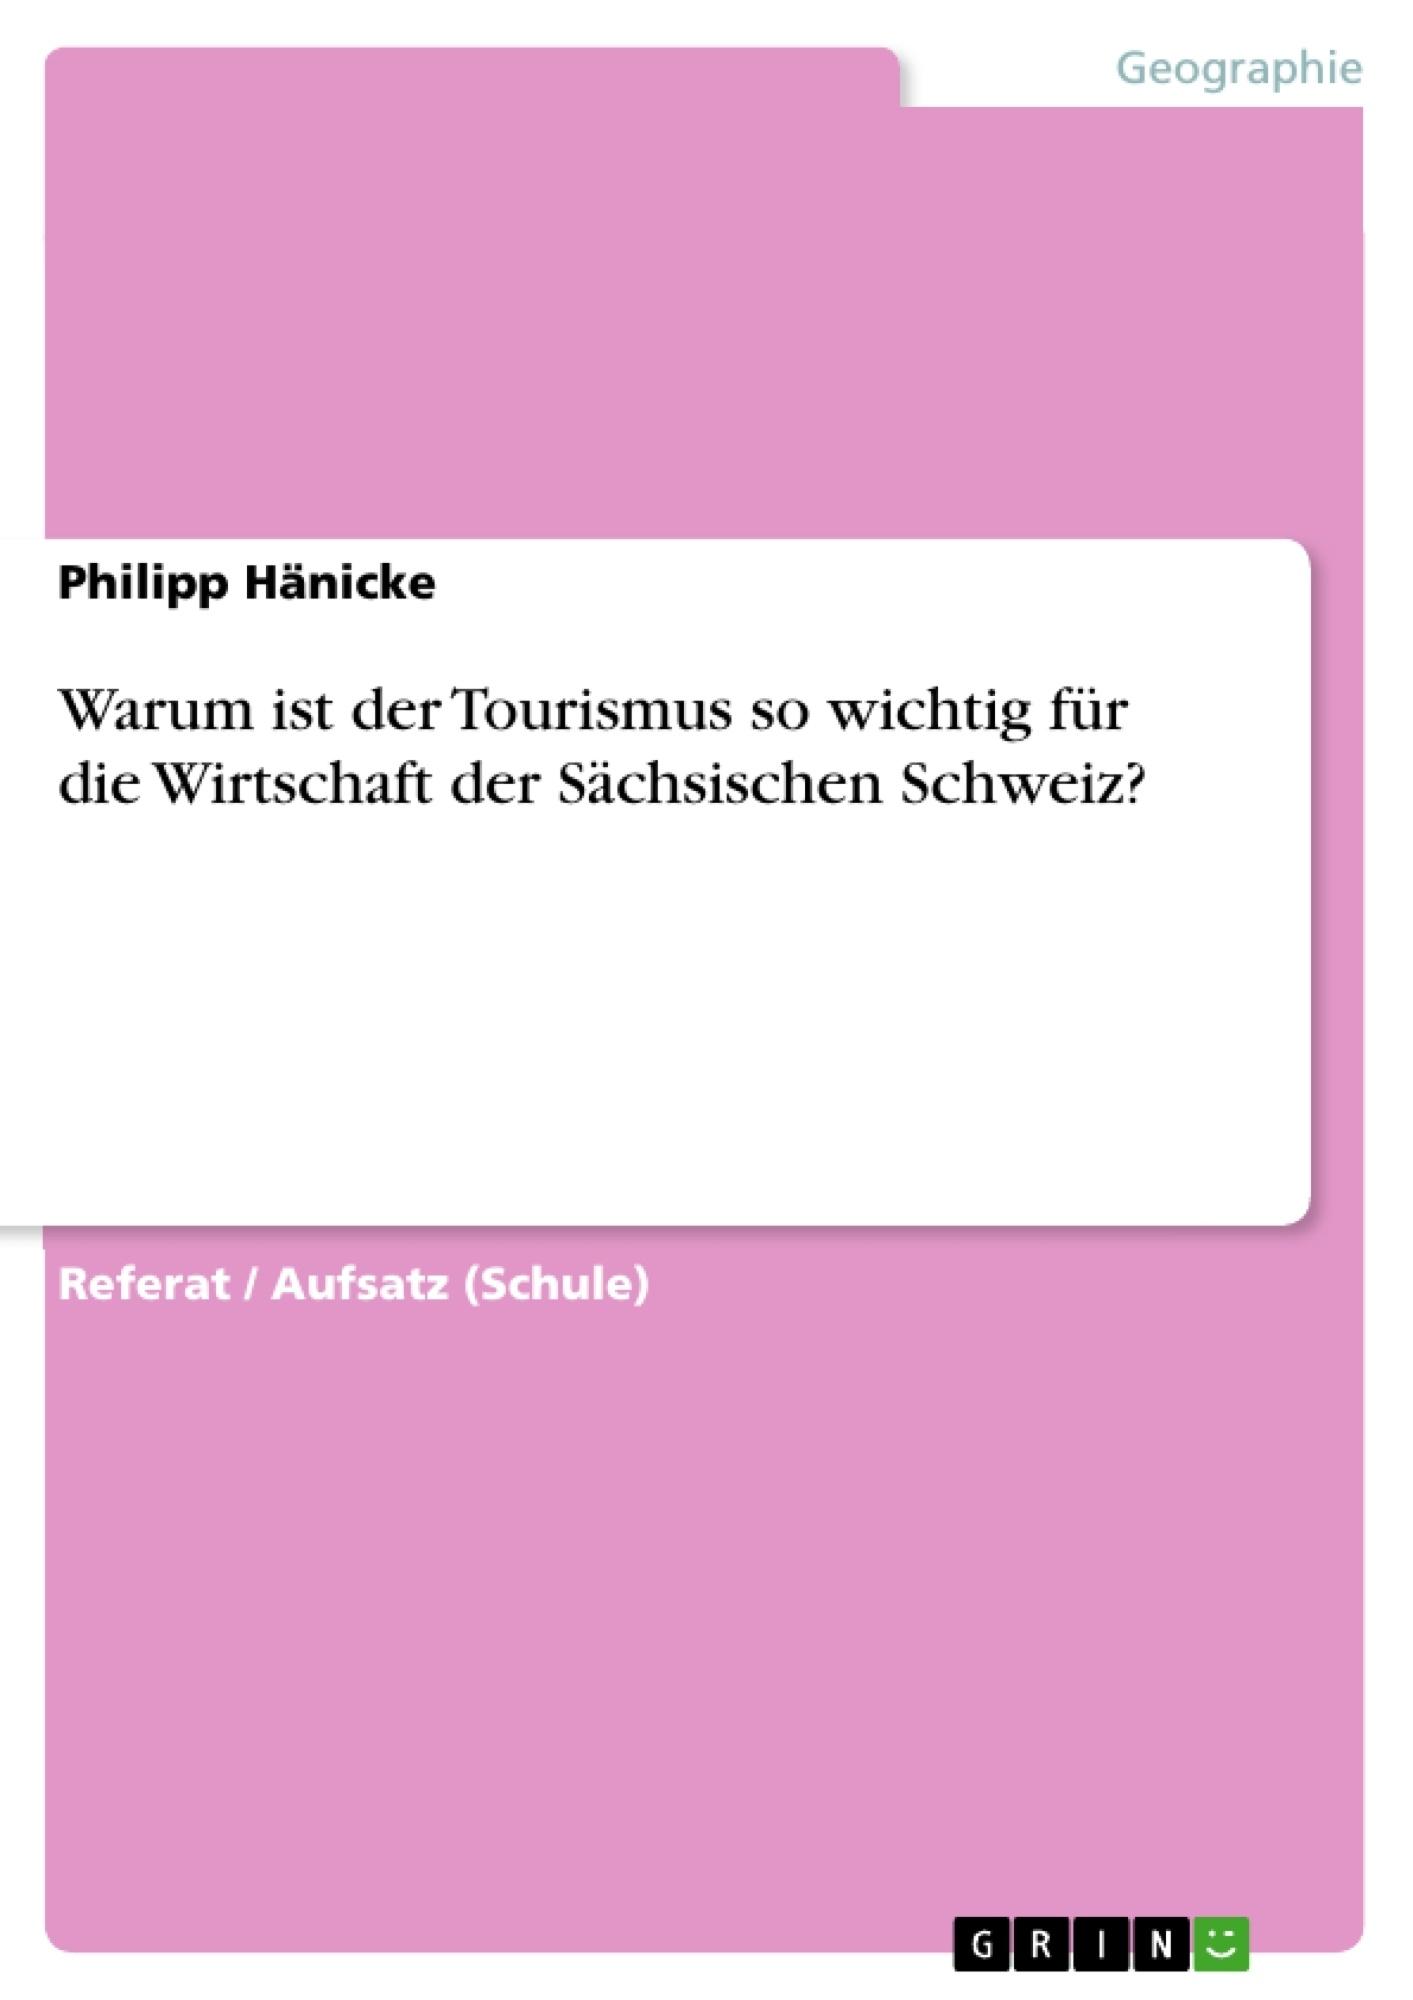 Titel: Warum ist der Tourismus so wichtig für die Wirtschaft der Sächsischen Schweiz?